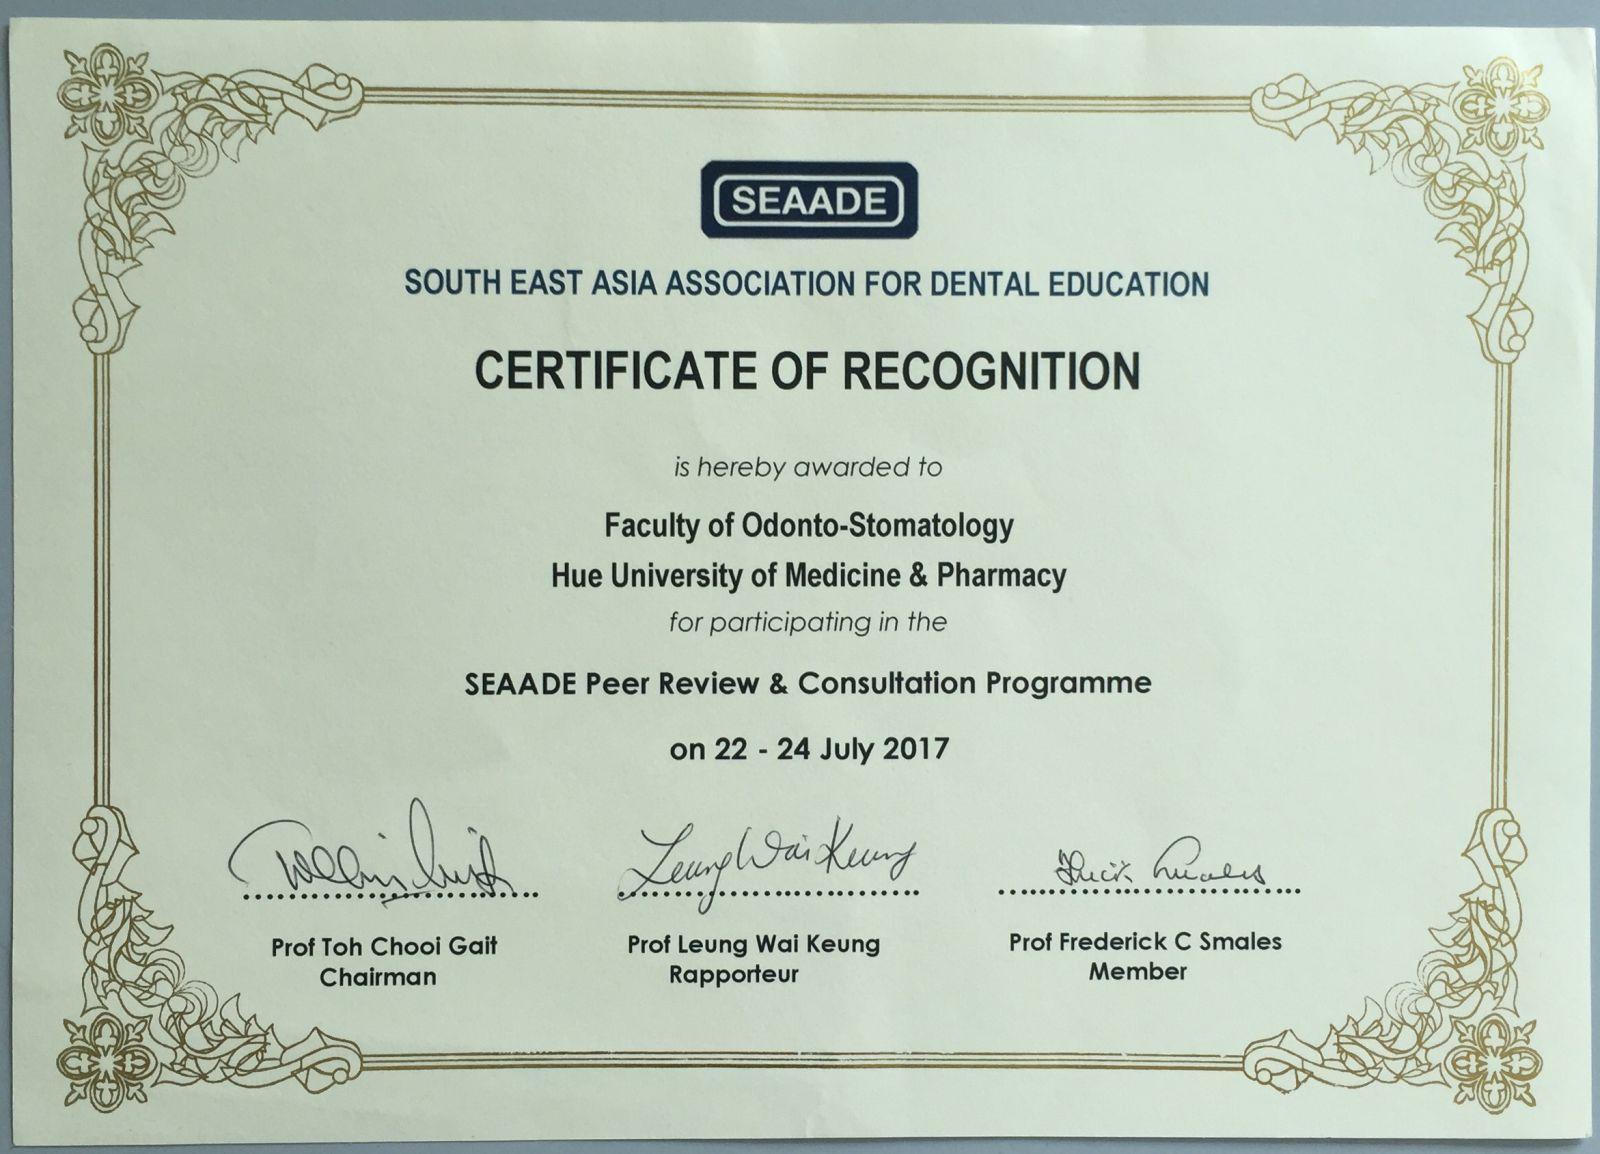 Hướng đến đào tạo bác sĩ Răng Hàm Mặt đạt chuẩn khu vực Đông Nam Á